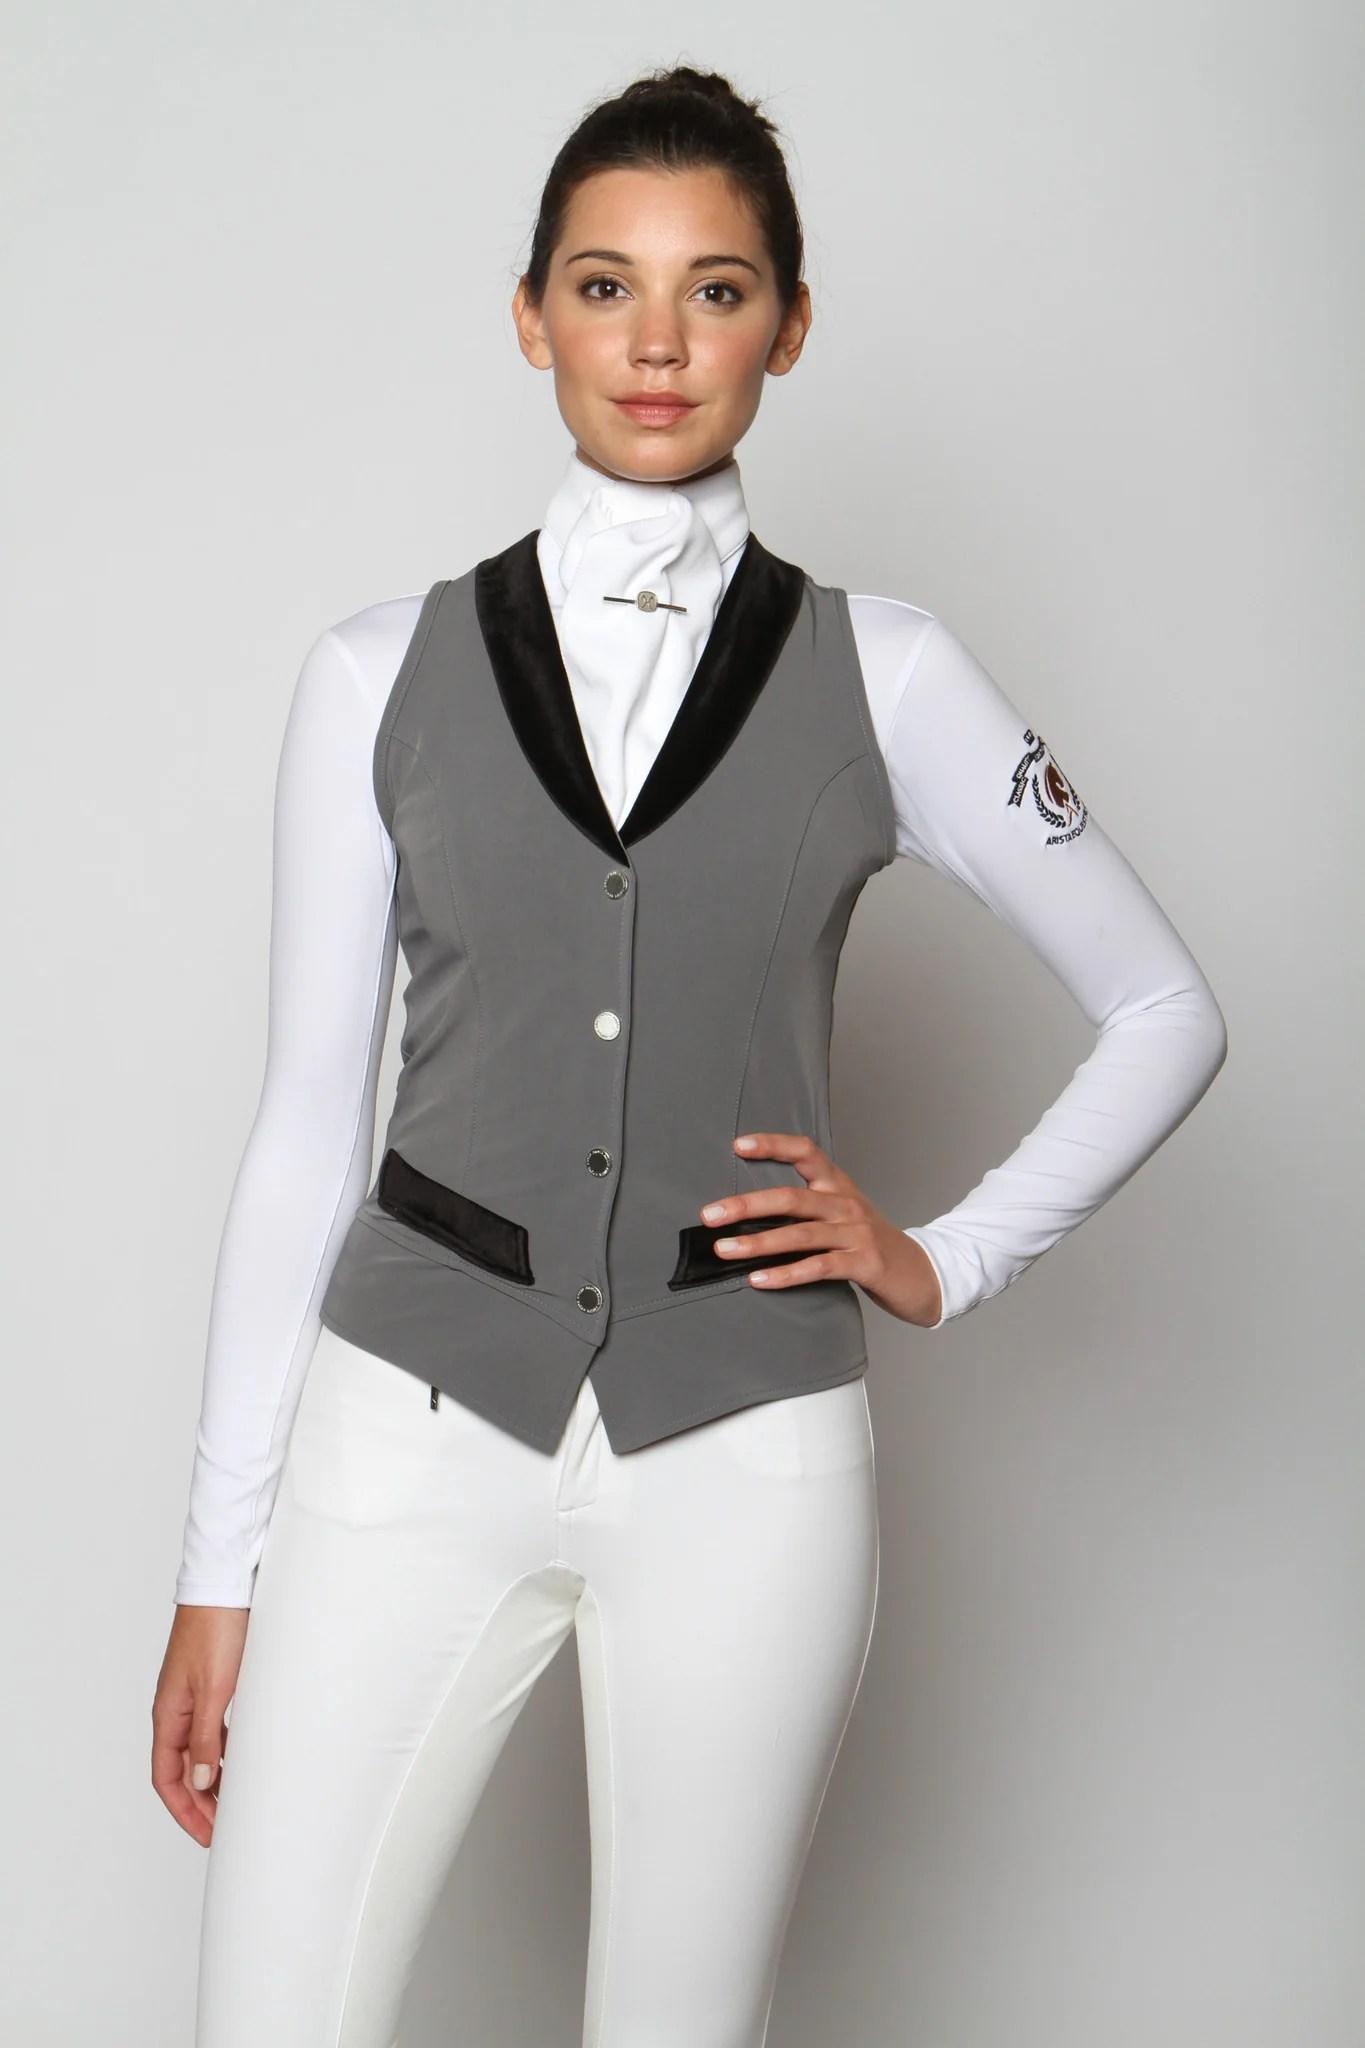 Arista Modern Dressage Vest Black Grey Amp Navy Top